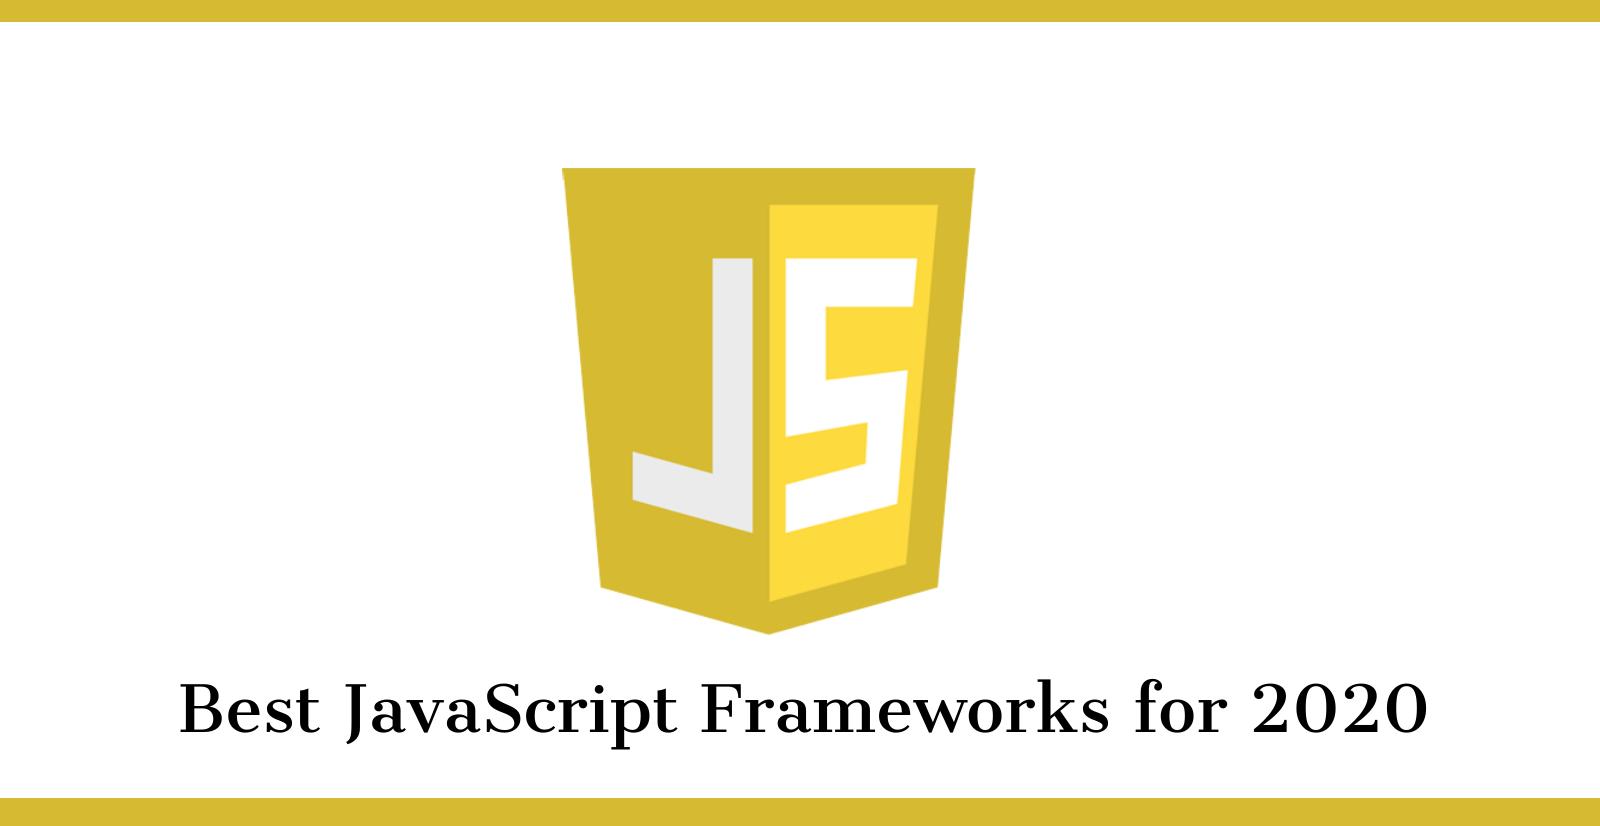 best-javascript-frameworks-for-2020